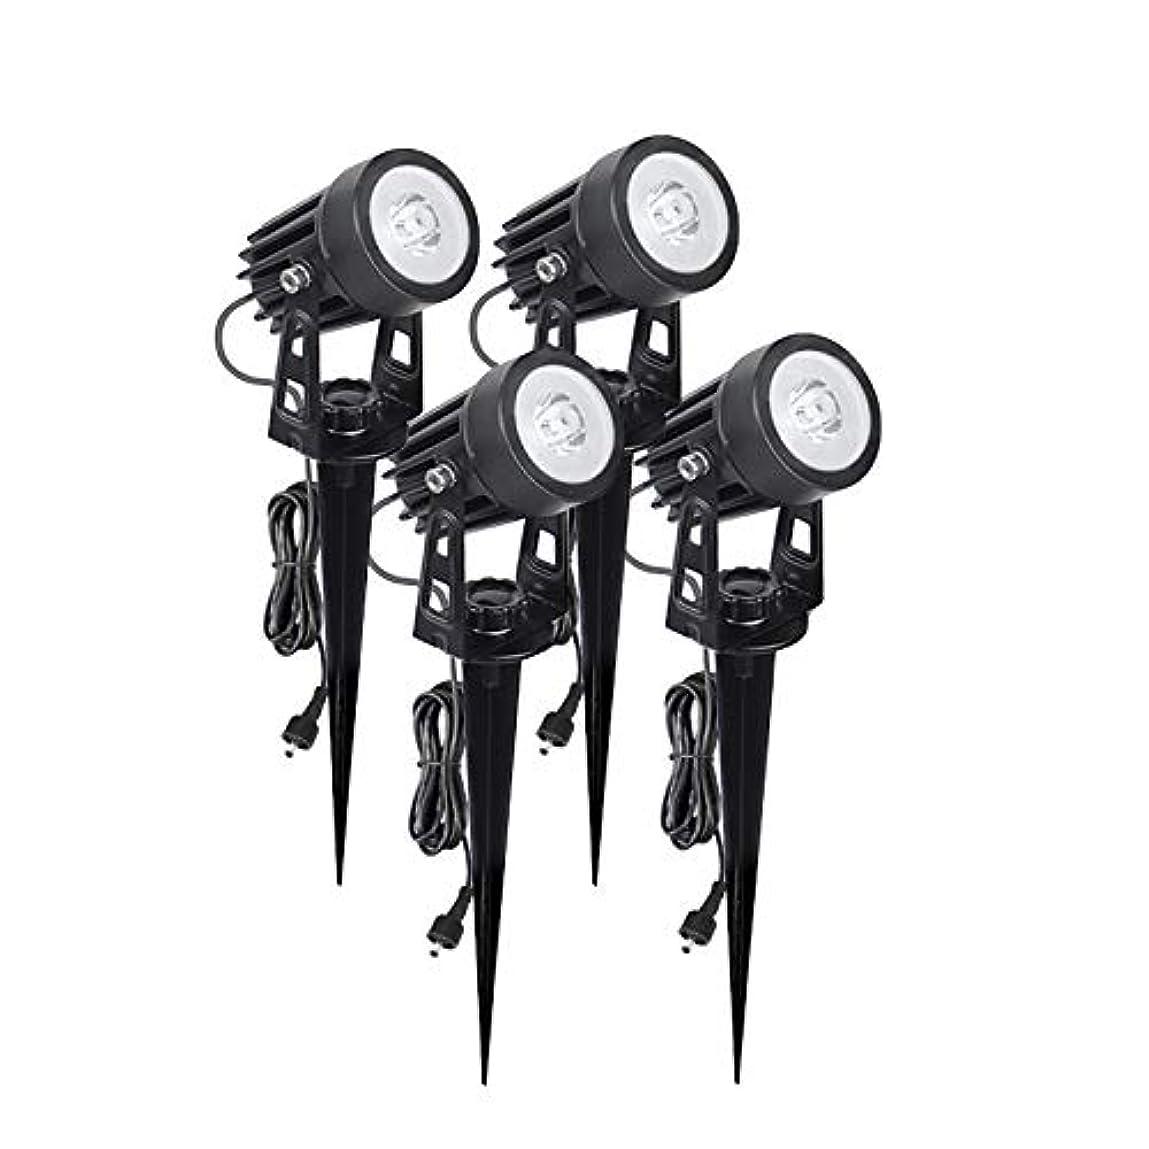 かなりのマウントバンク配当億騰 ガーデンライト スポットライト 風景ライト LED 屋外照明 埋め込み式 IP65防水 12V 3W 芝生ライト/ガーデン/小道/公園/車道など 照明?防犯?災害対策 (4個セット) (白)